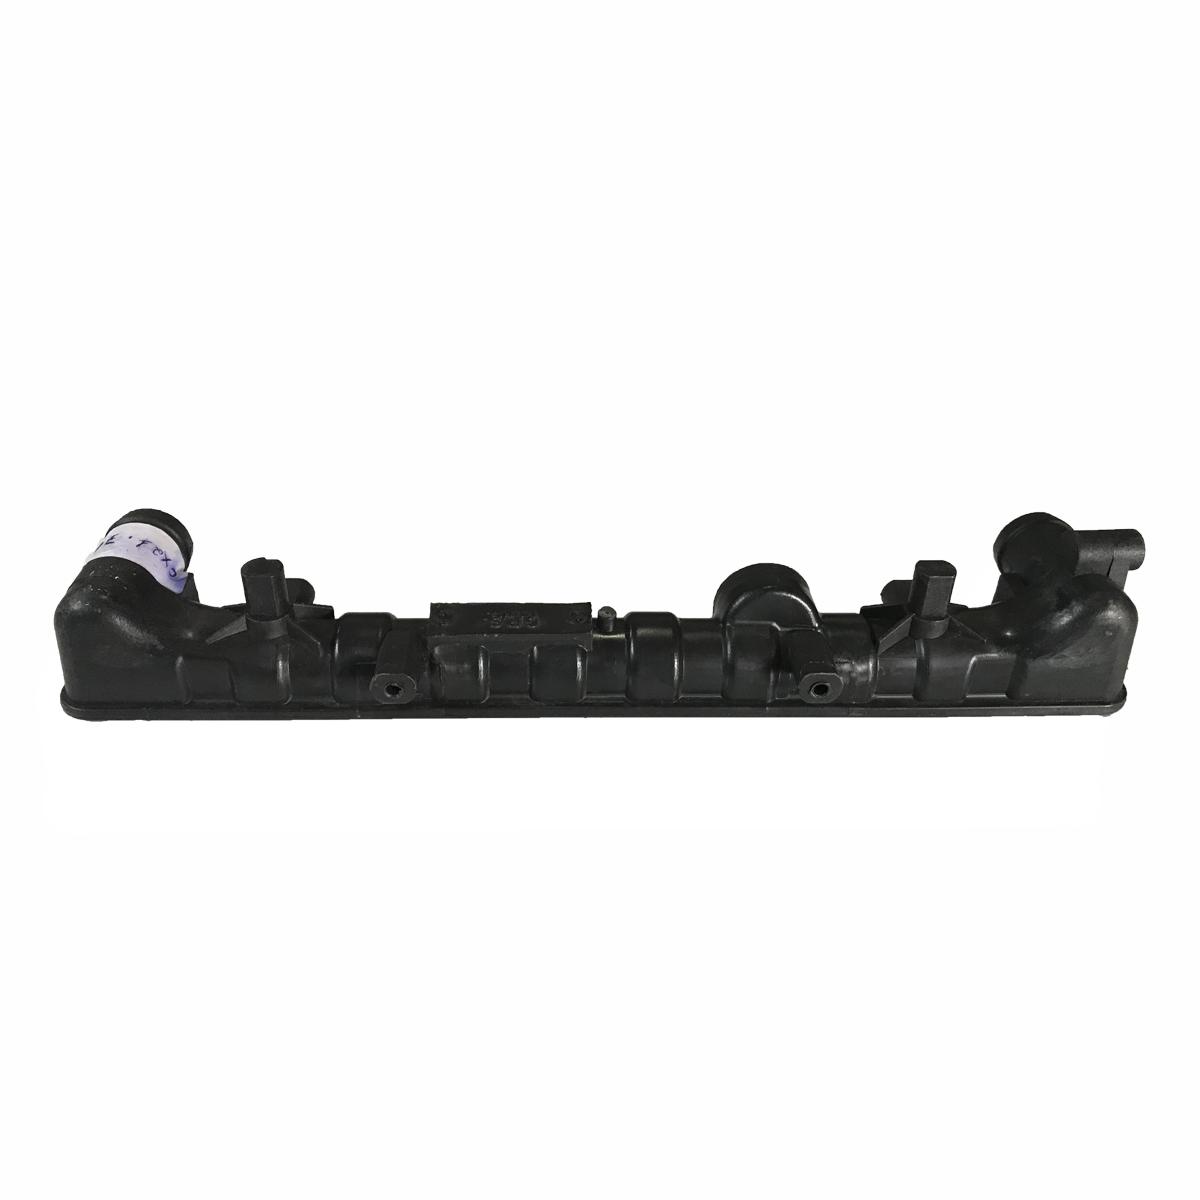 Caixa De Radiador Gol G5 Superior Cebolão Fechado 415mmx42mm